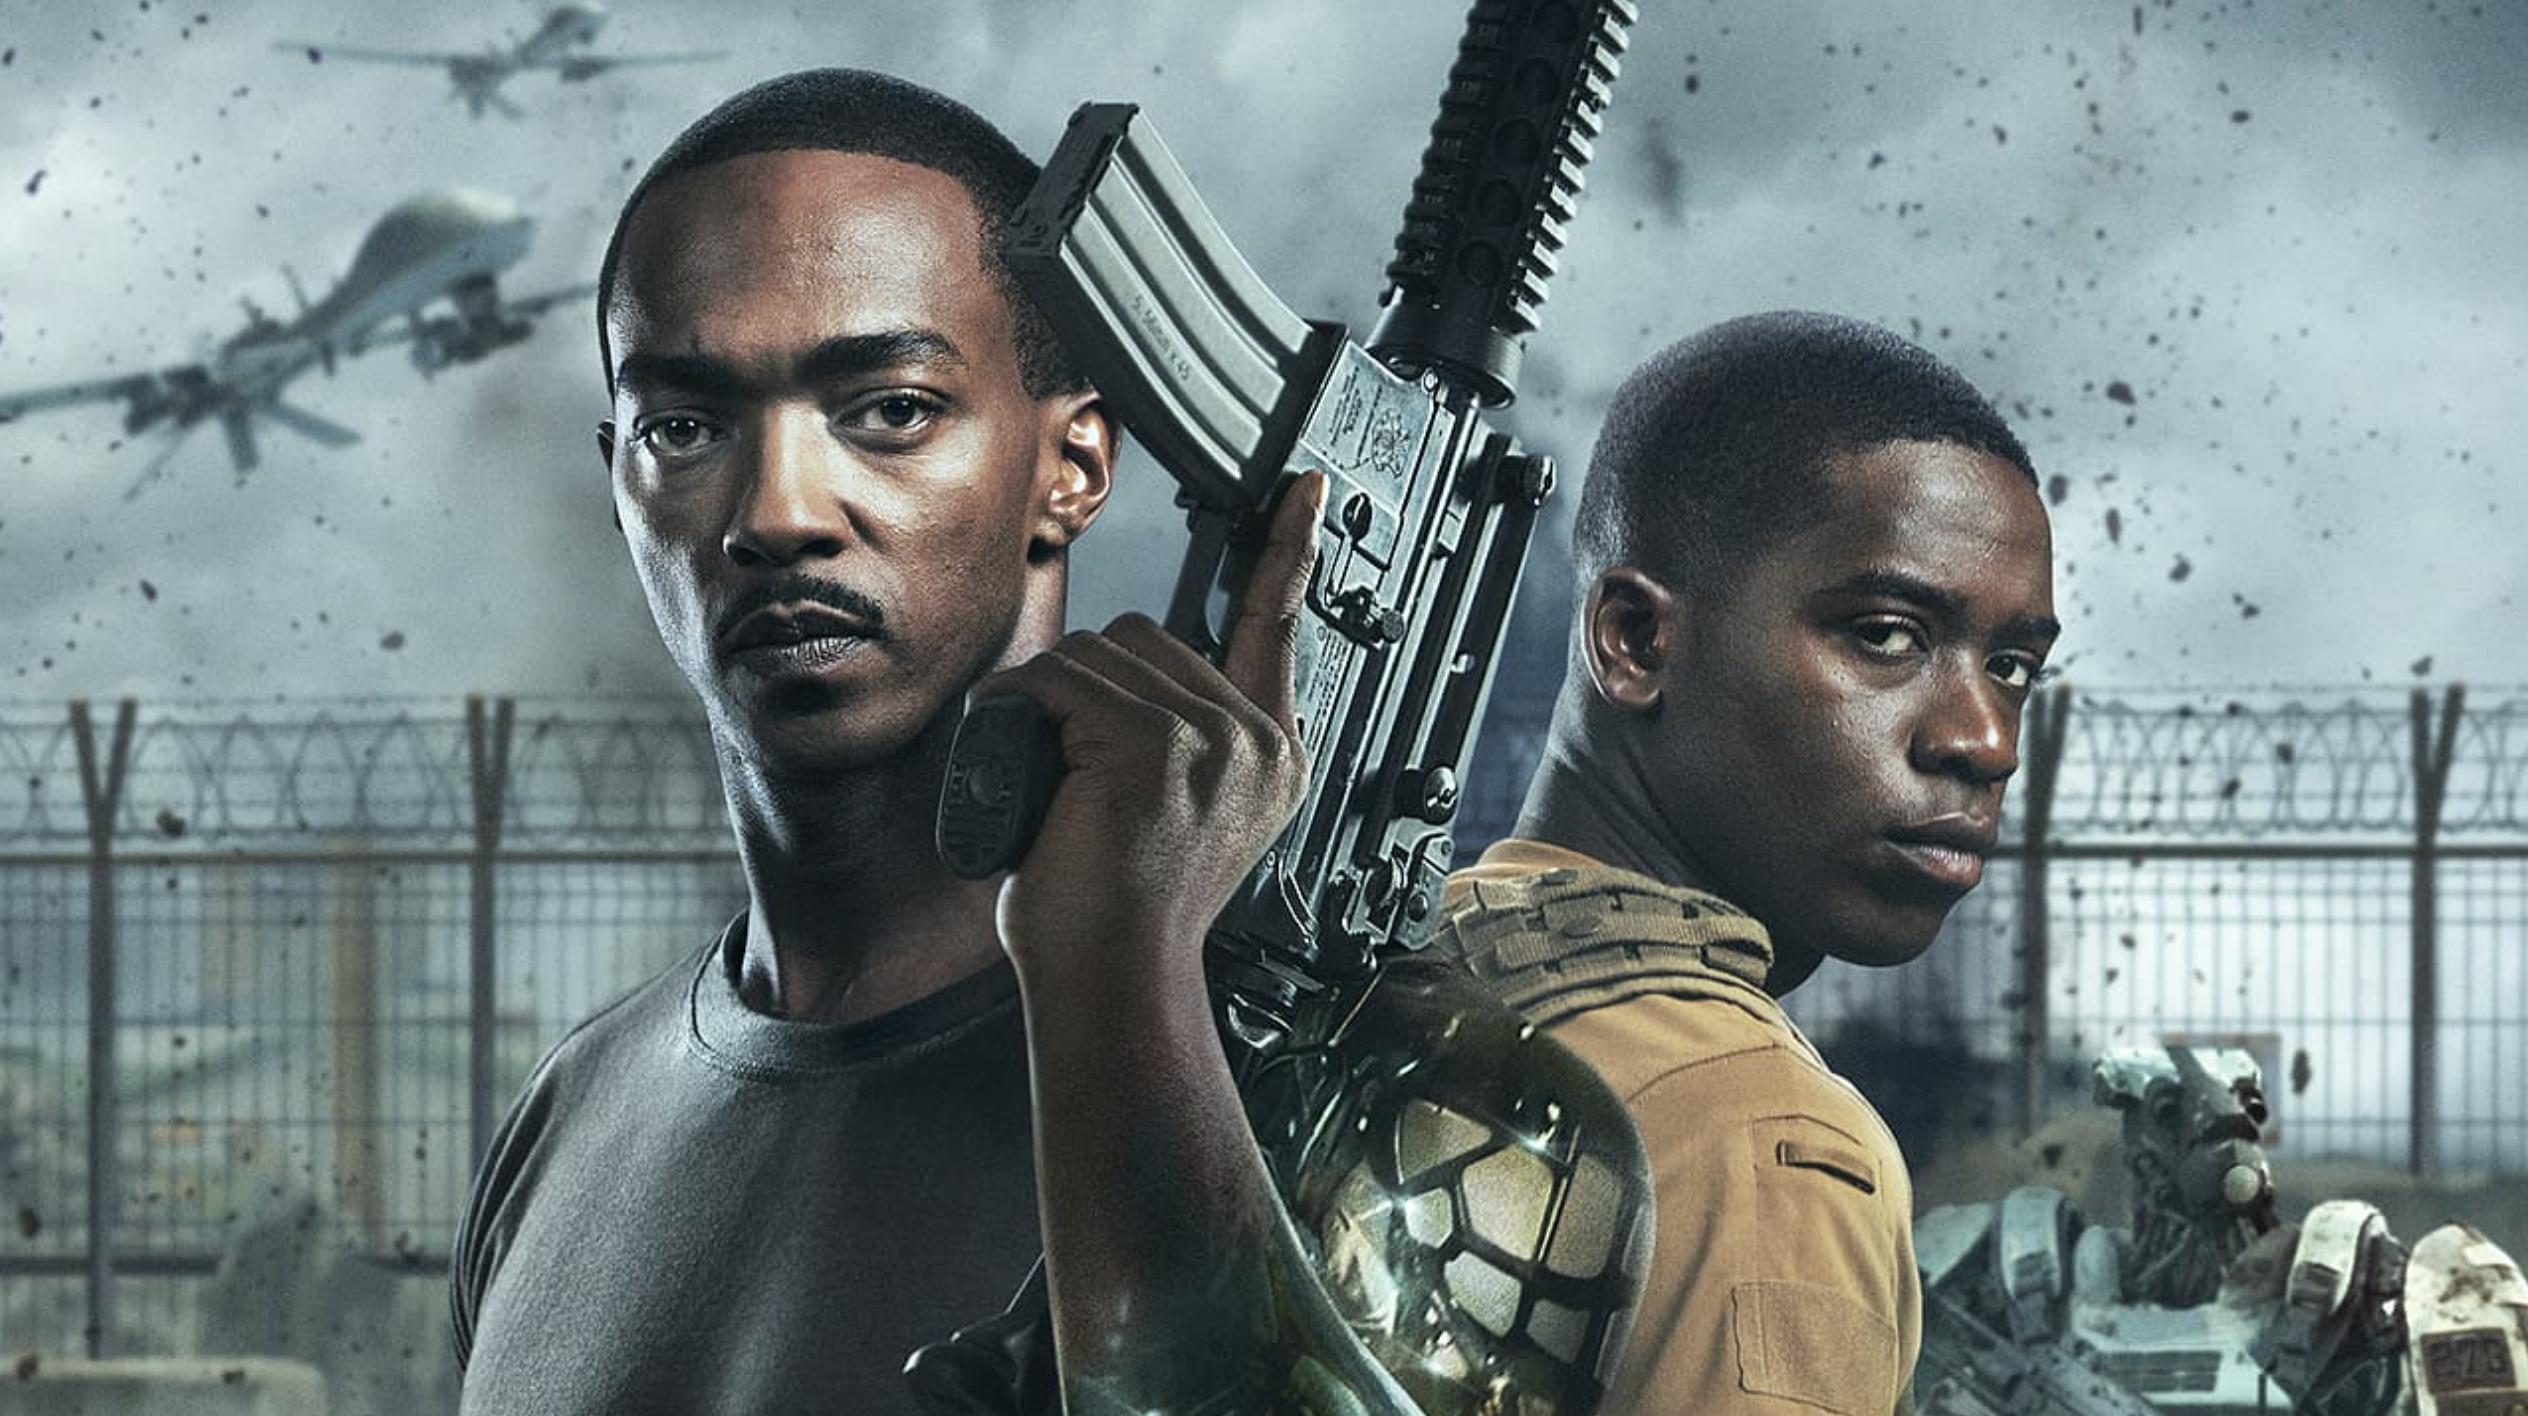 Outside the Wire: первый фильм Netflix, который вышел с украинской озвучкой